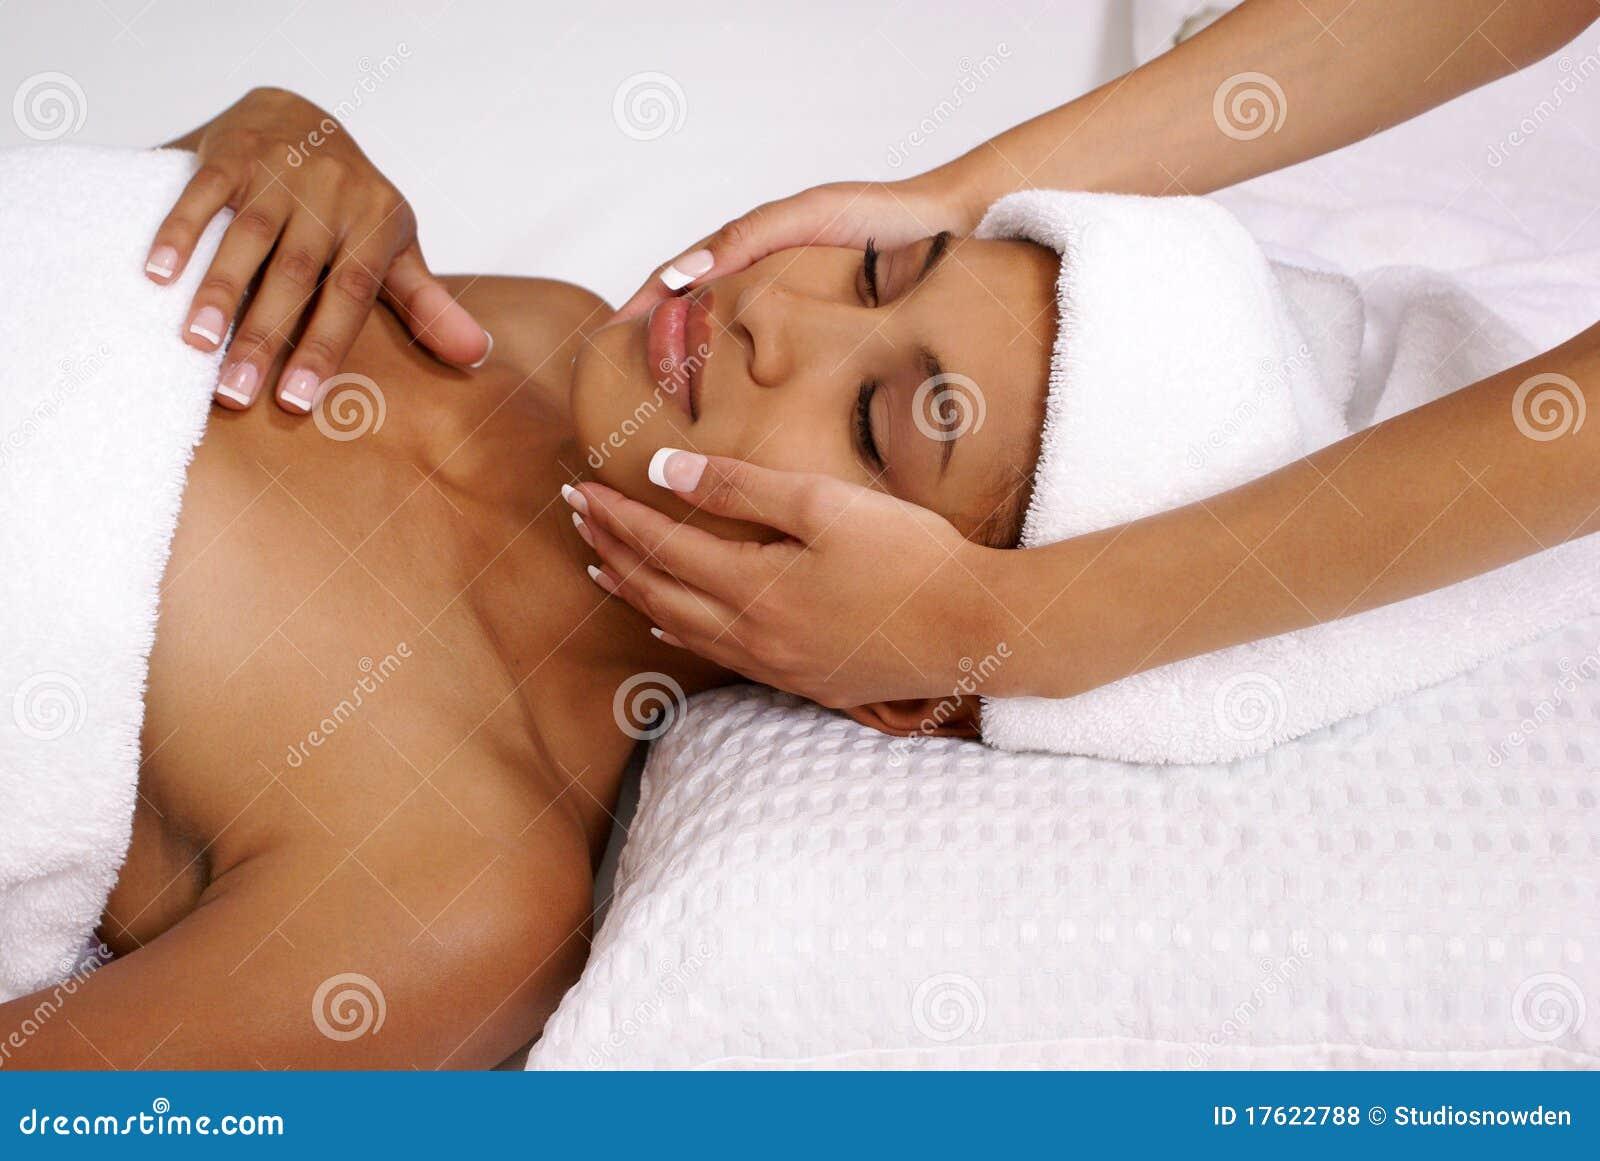 Demande de règlement de massage facial de station thermale